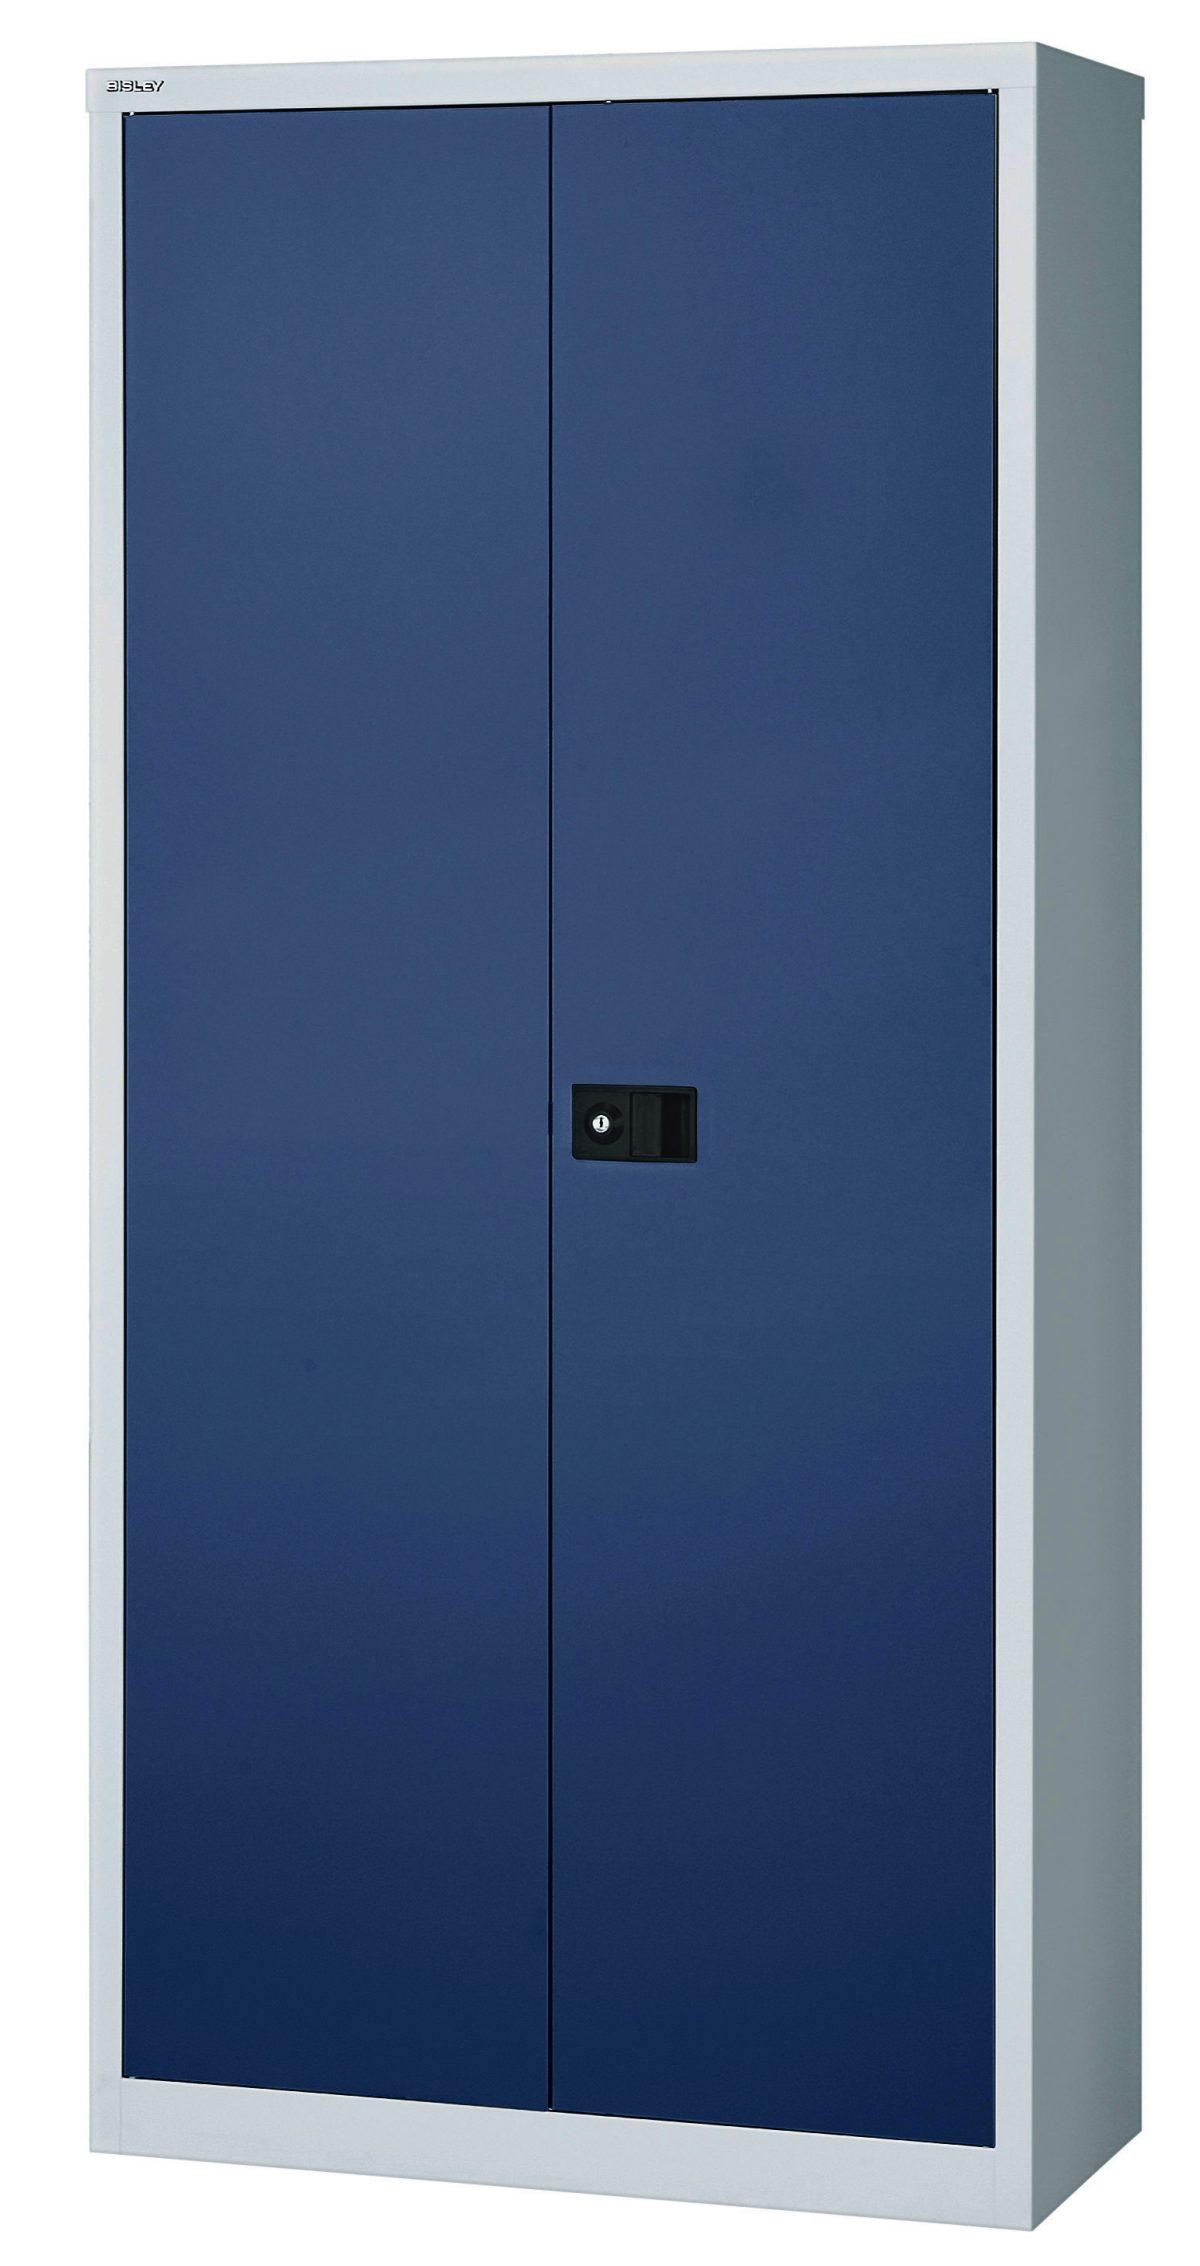 preiswerter Büro-Metallschrank (Höhe = 180 cm) von Bisley: robuster ...